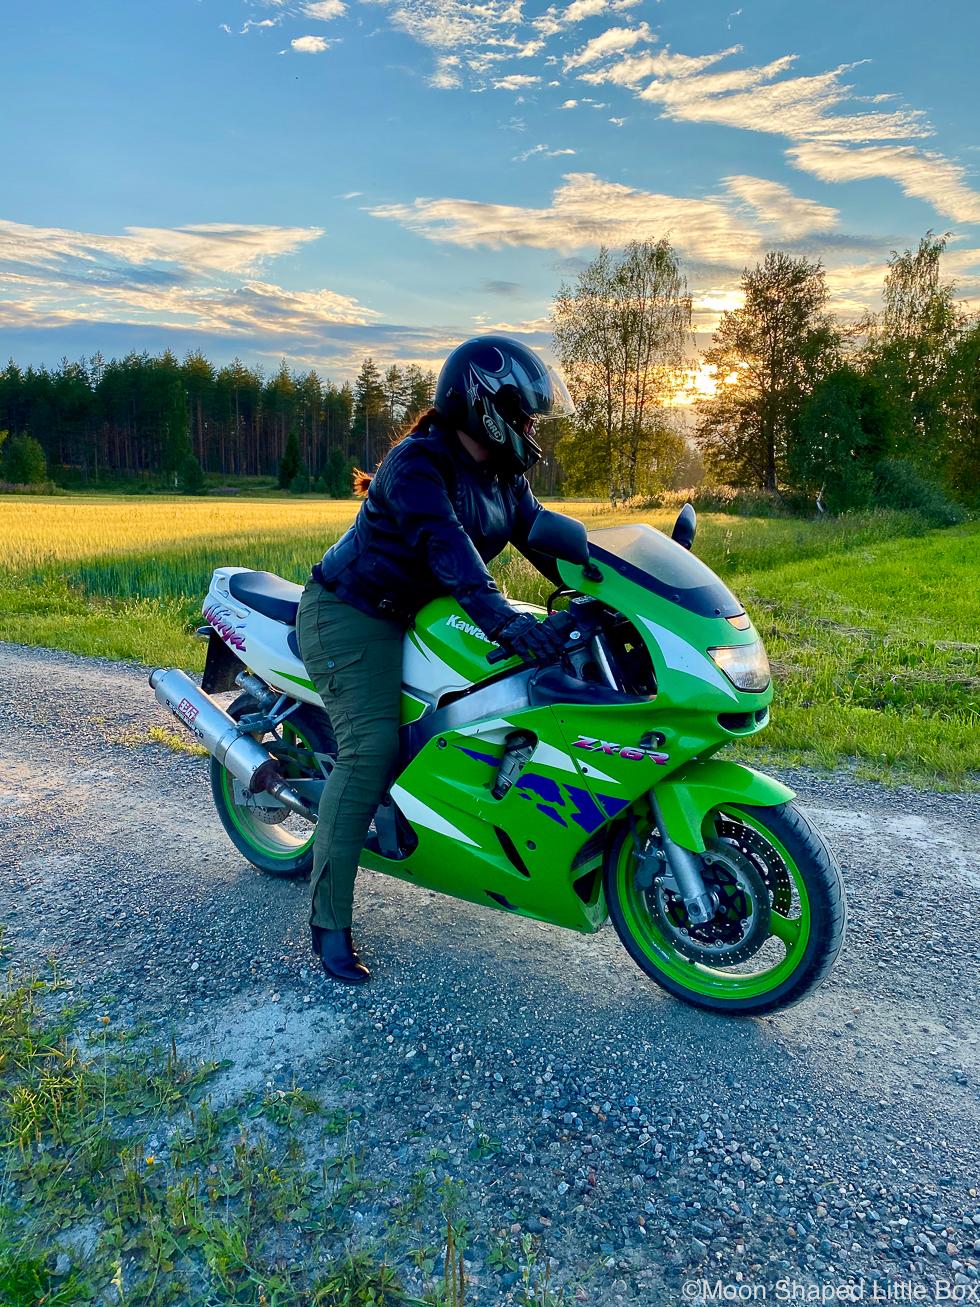 Moottoripyorailemassa-kesalla-2020-kawasaki